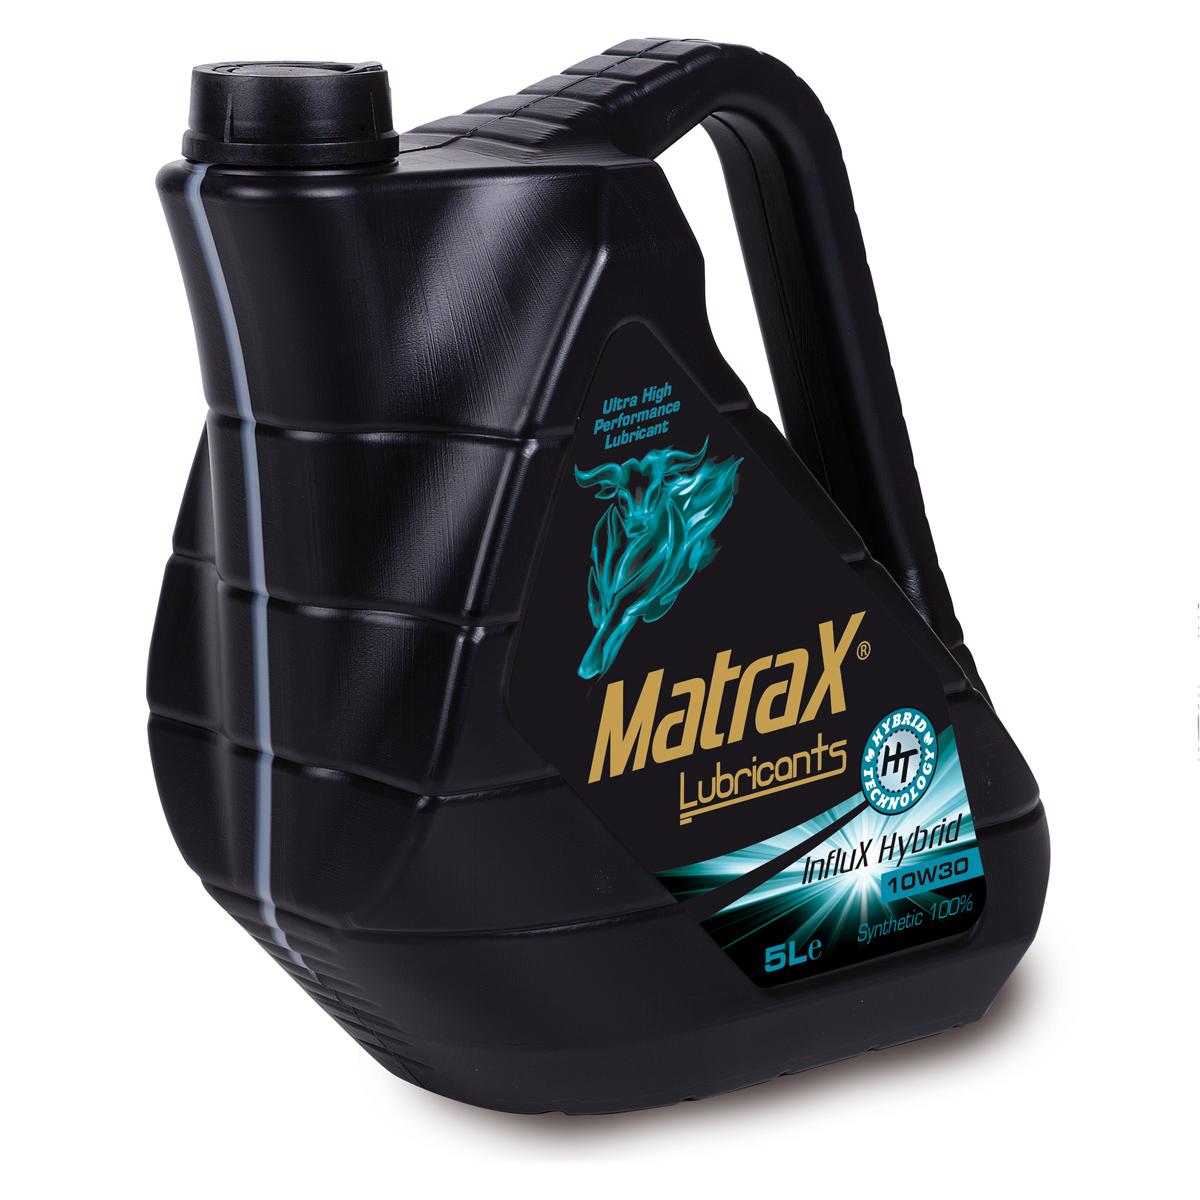 matrax-lubricants-influx-hybrid-10w30-5l